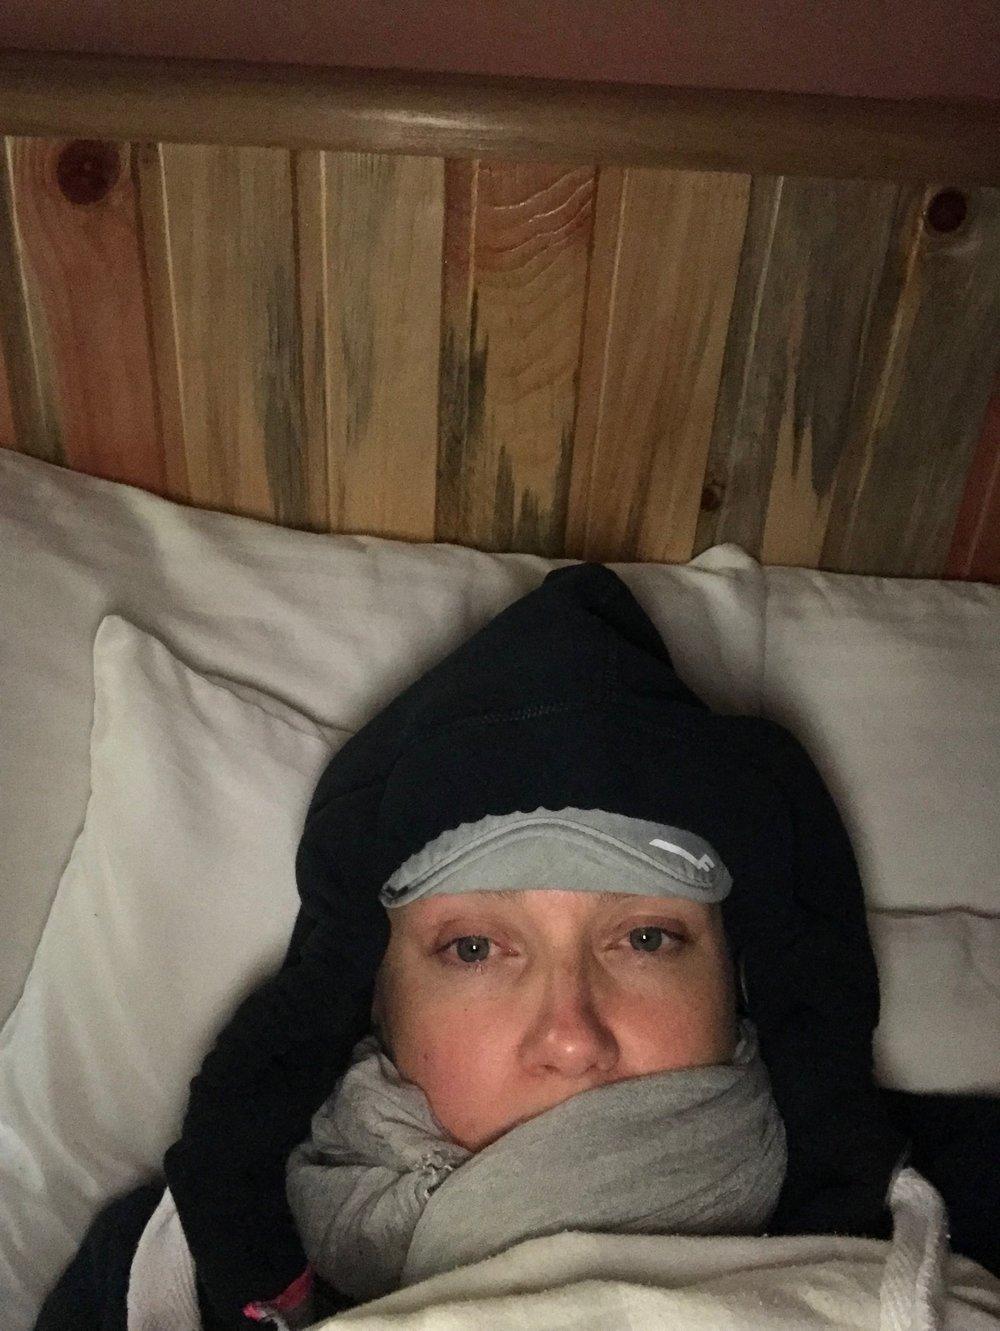 Heini ensimmäisen yön tunnelmissa. Kuva: Heini Lehto